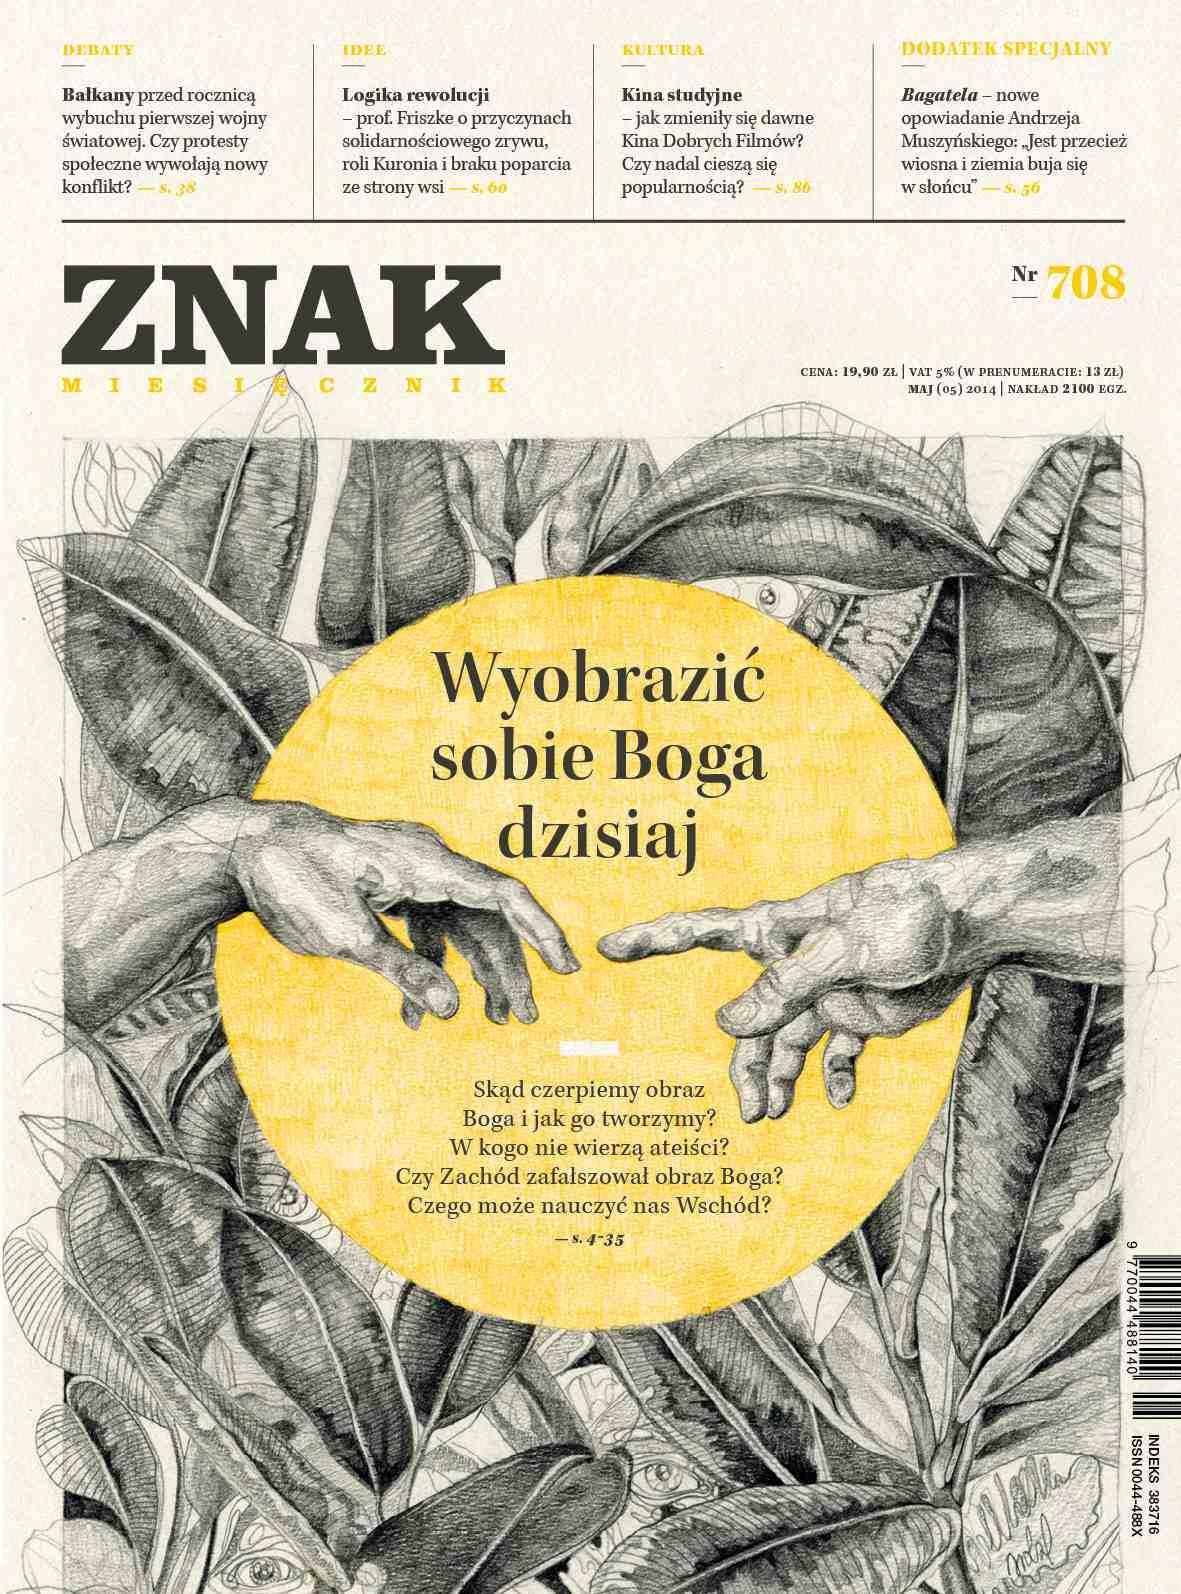 Miesięcznik Znak. Maj 2014 - Ebook (Książka EPUB) do pobrania w formacie EPUB